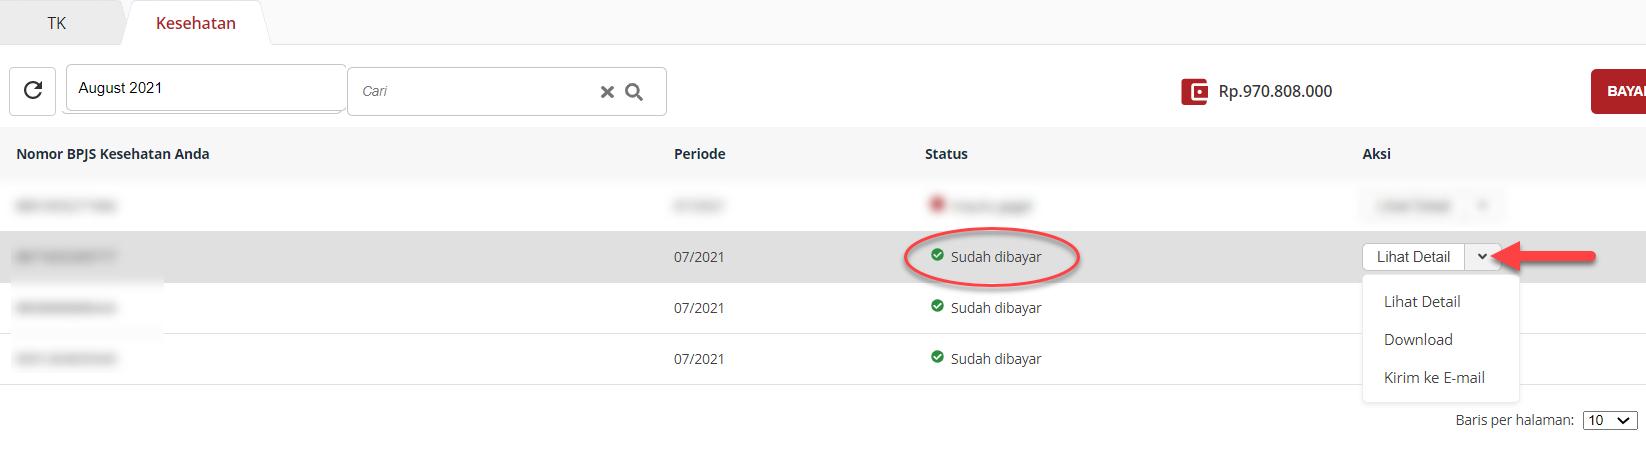 Tampilan status sudah dibayar, Klik Lihat detail untuk melihat detail pembayaran